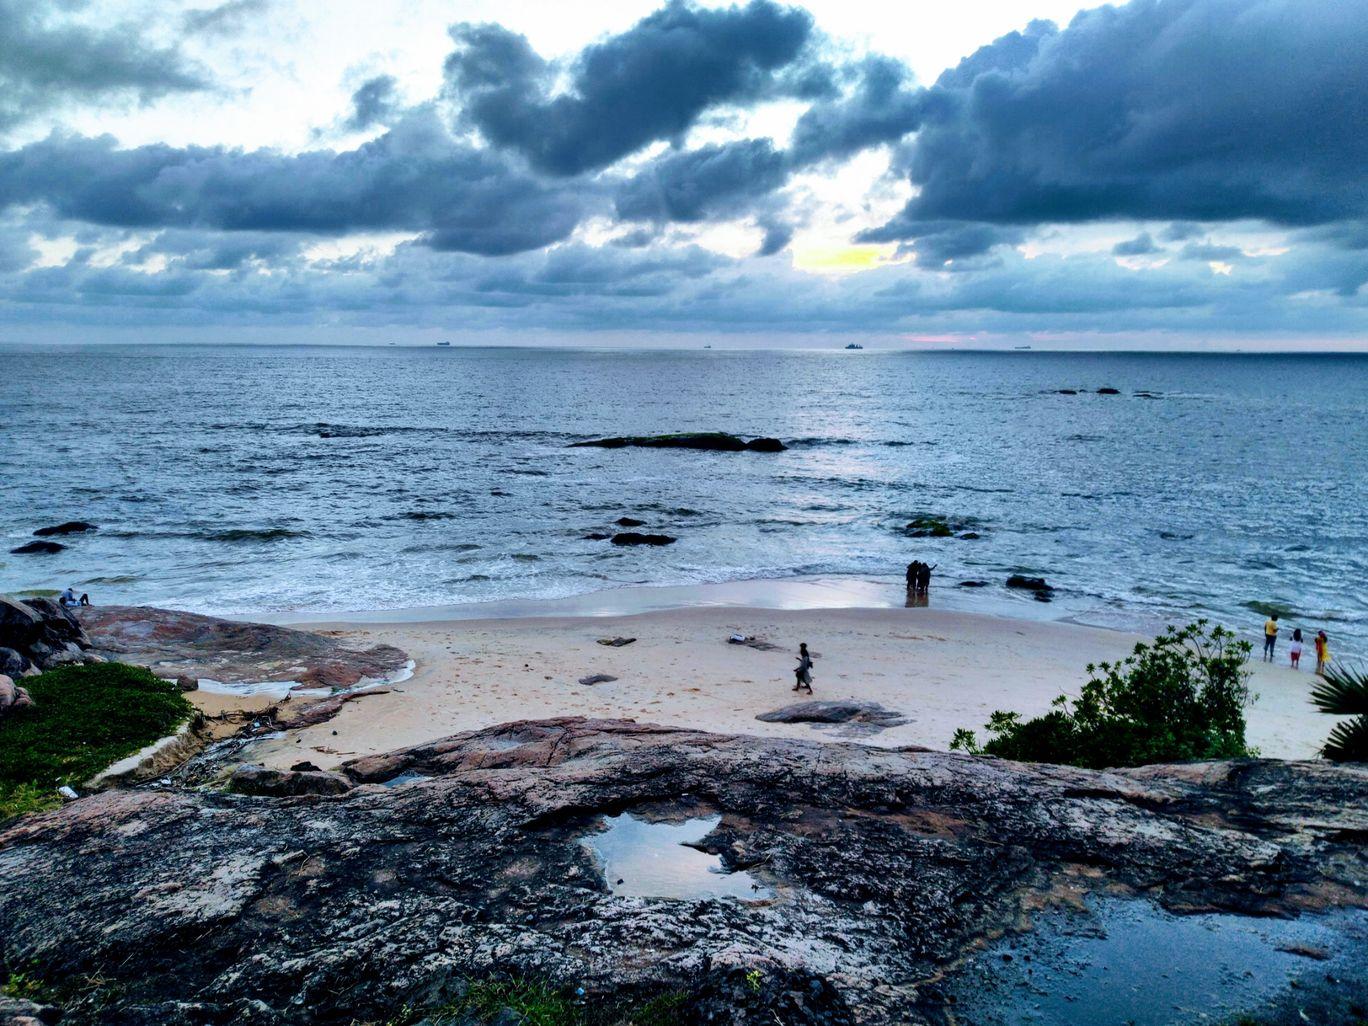 Photo of NITK Beach By Faiz Khan